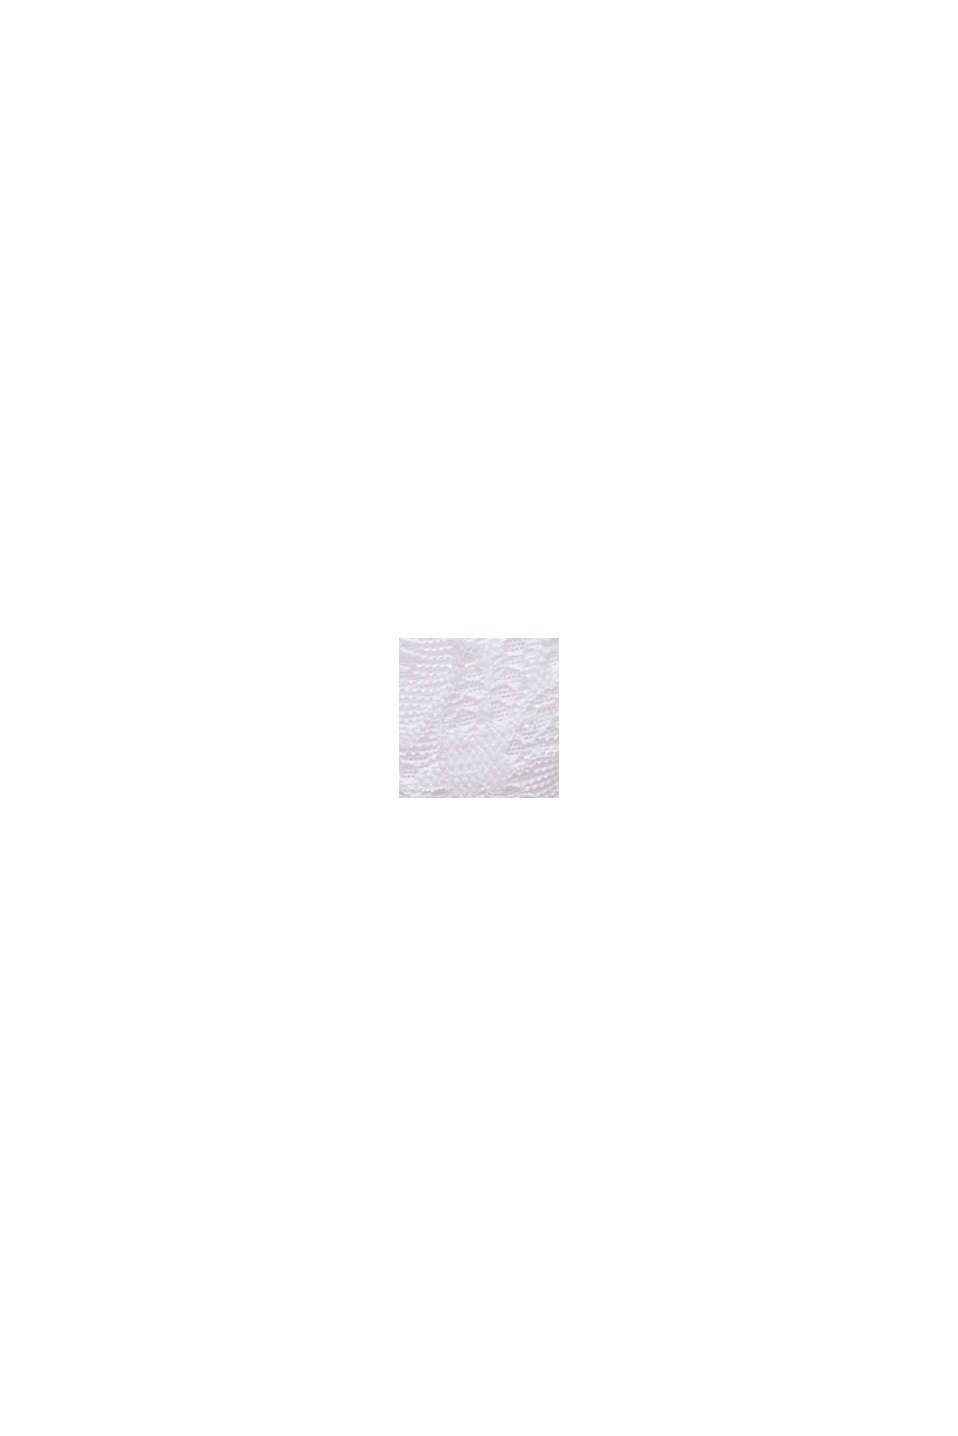 Genanvendte materialer: upolstret bøjle-bh med blonder, WHITE, swatch